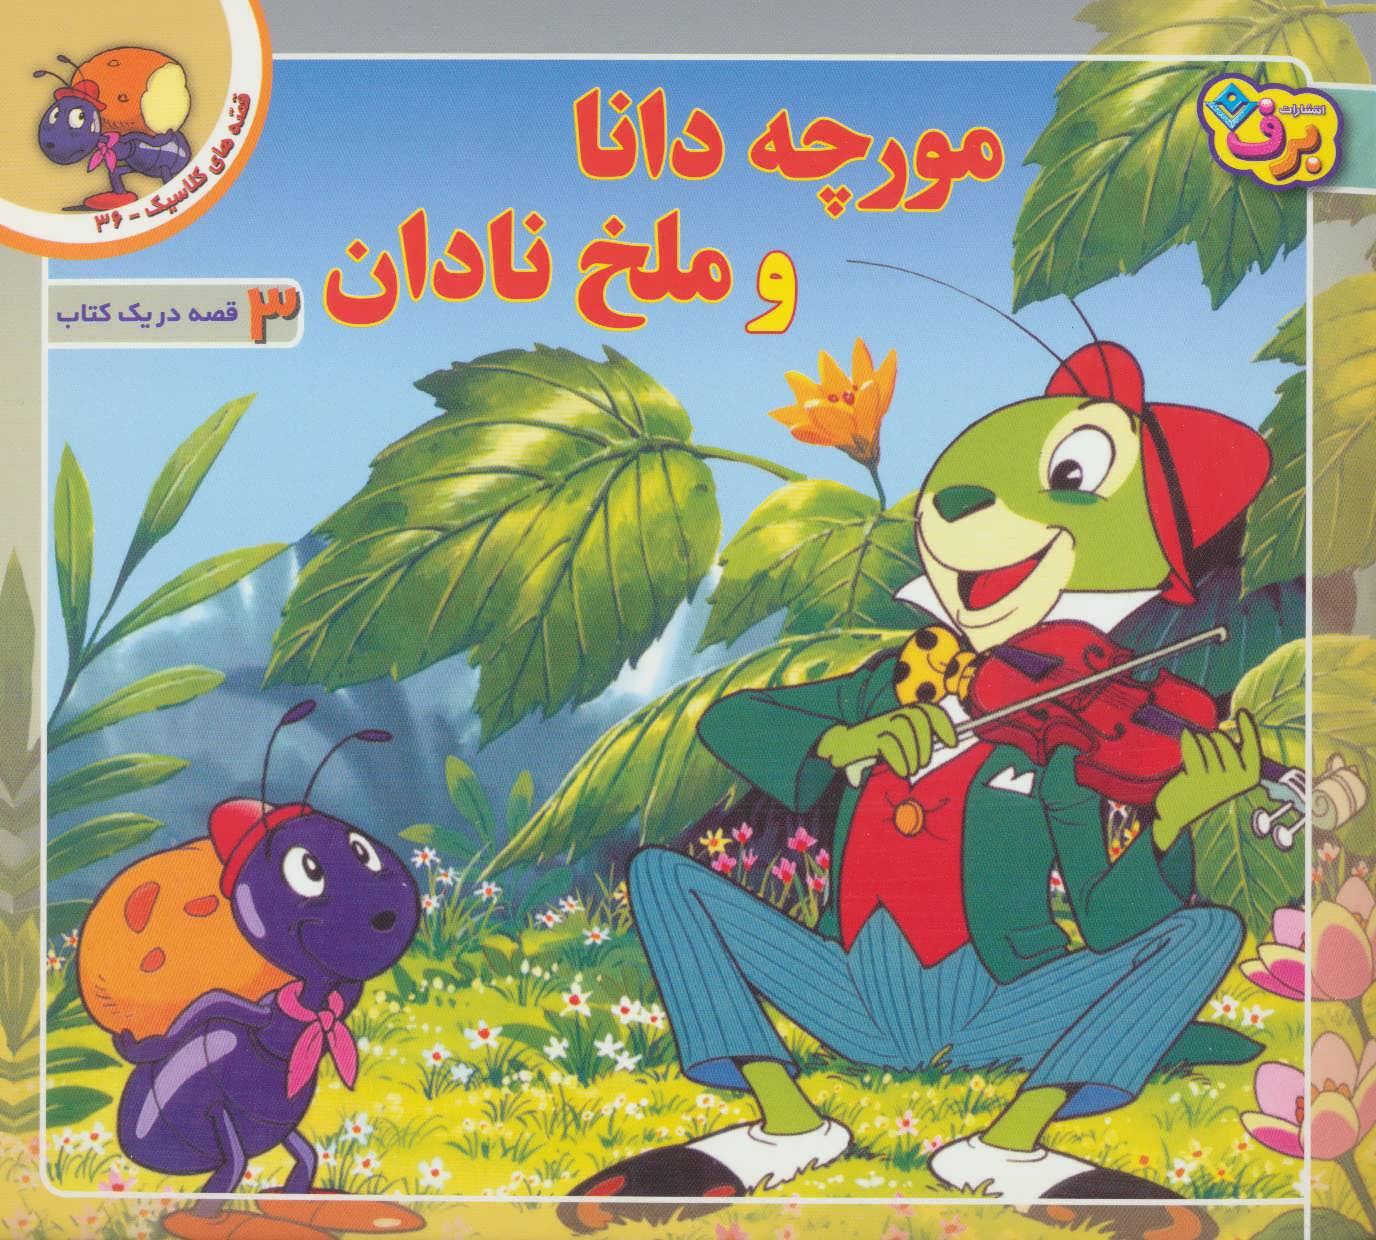 قصه های کلاسیک36 (مورچه دانا و ملخ نادان)